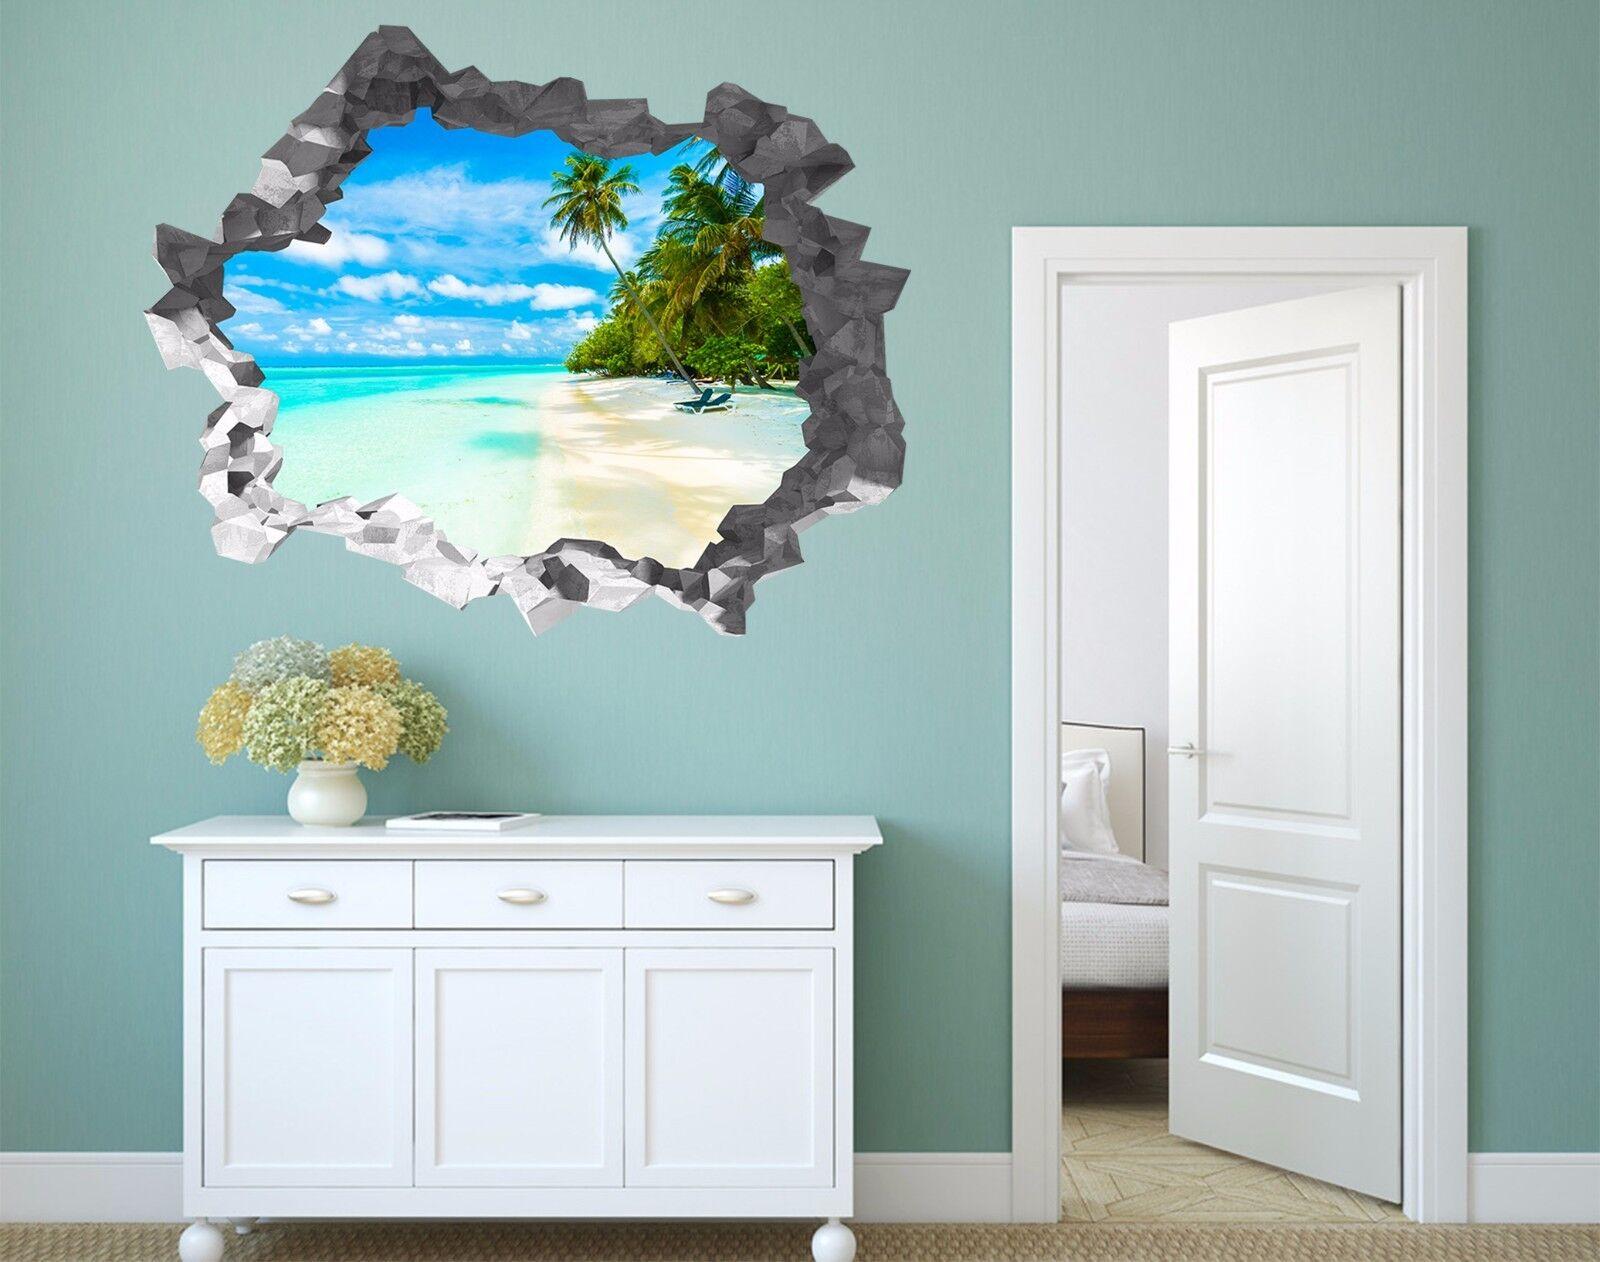 3D Sky Beach 566 Wall Murals Stickers Decal Durchbruch AJ WALLAPER AU Lemon